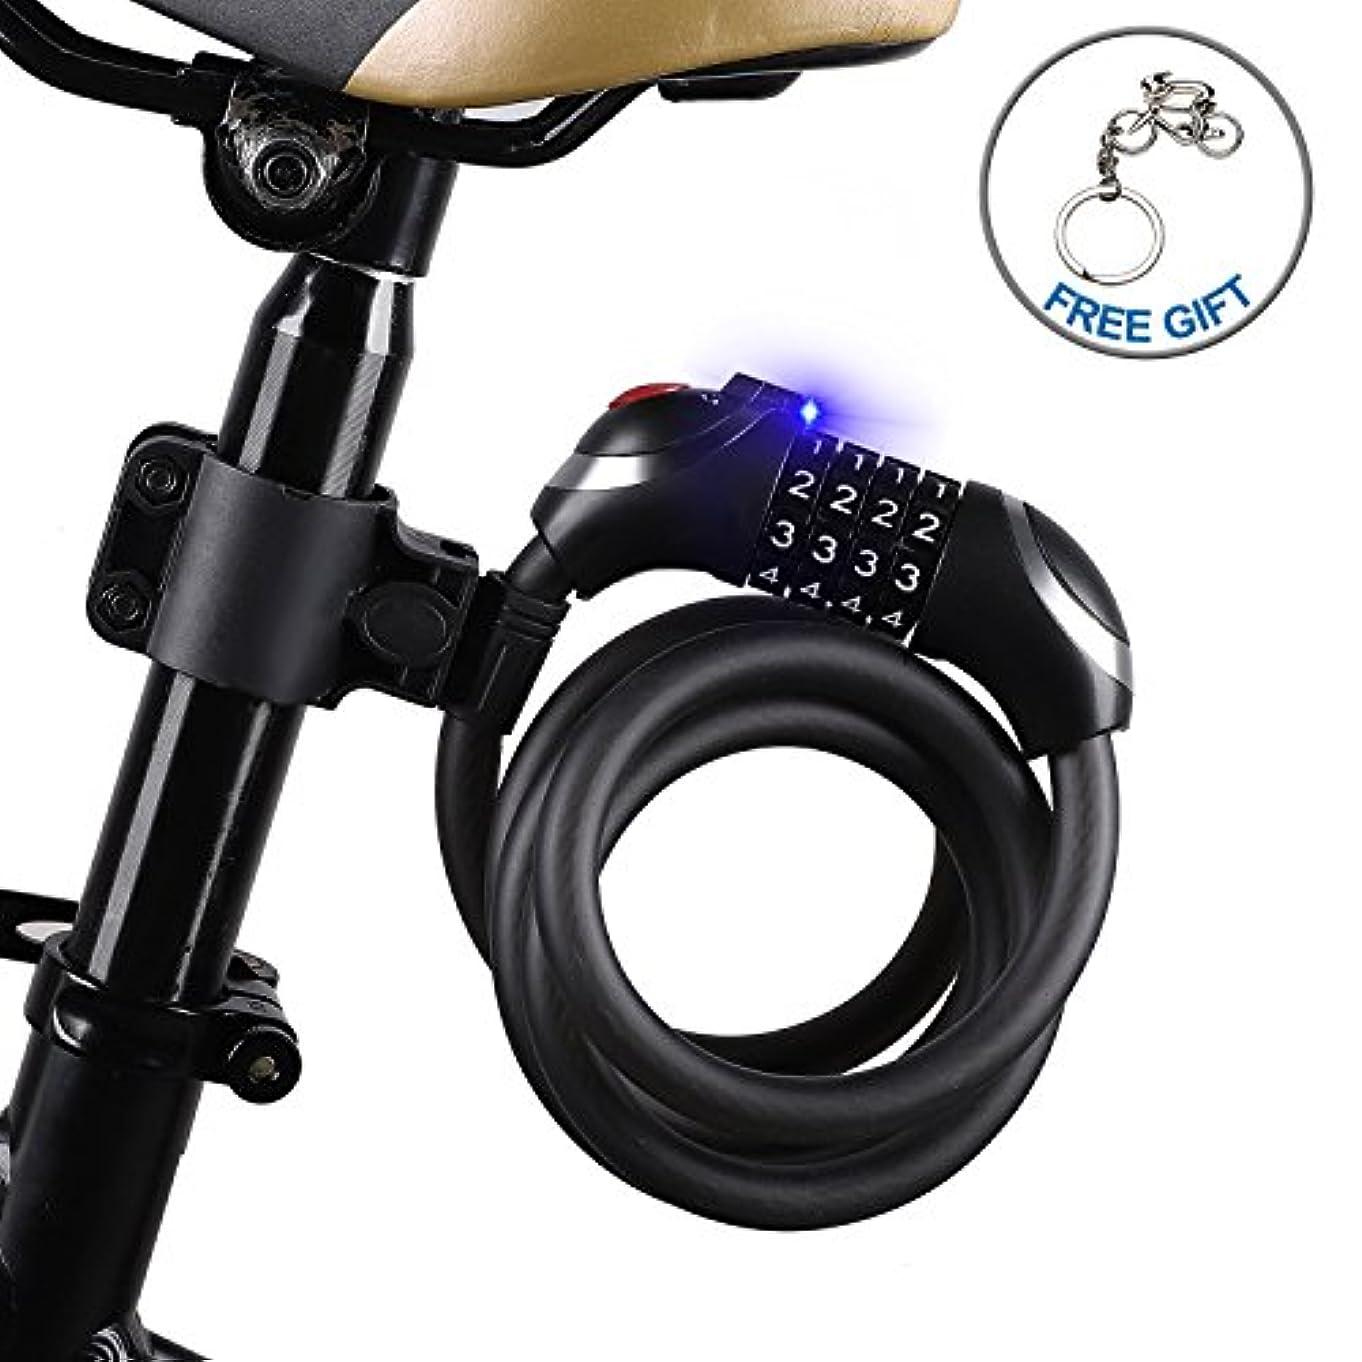 誰も人生を作る振るうicocopro自転車ケーブルロックLEDライト付き簡単使用で夜、バイクロック基本セルフ巻き可能組み合わせケーブルバイクロックwithマウントブラケット